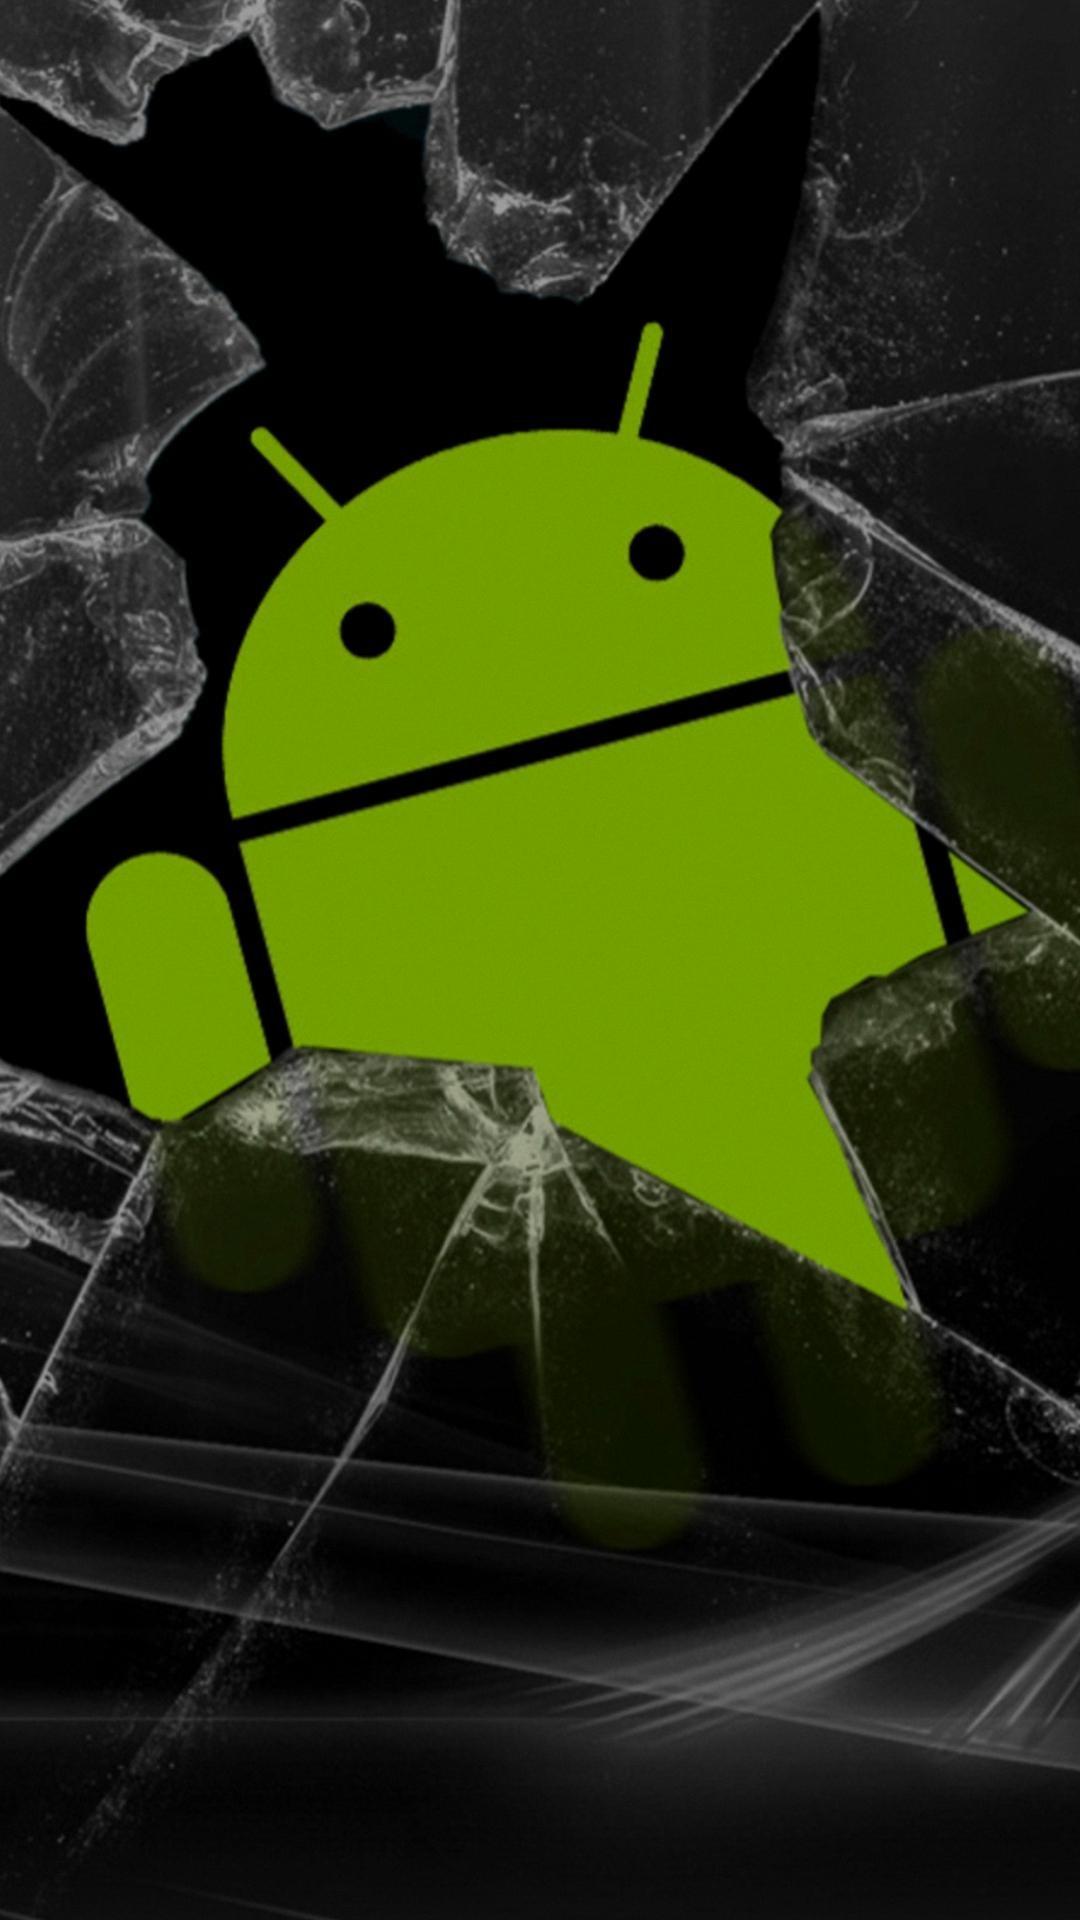 Прикольные картинки на экран блокировки андроид